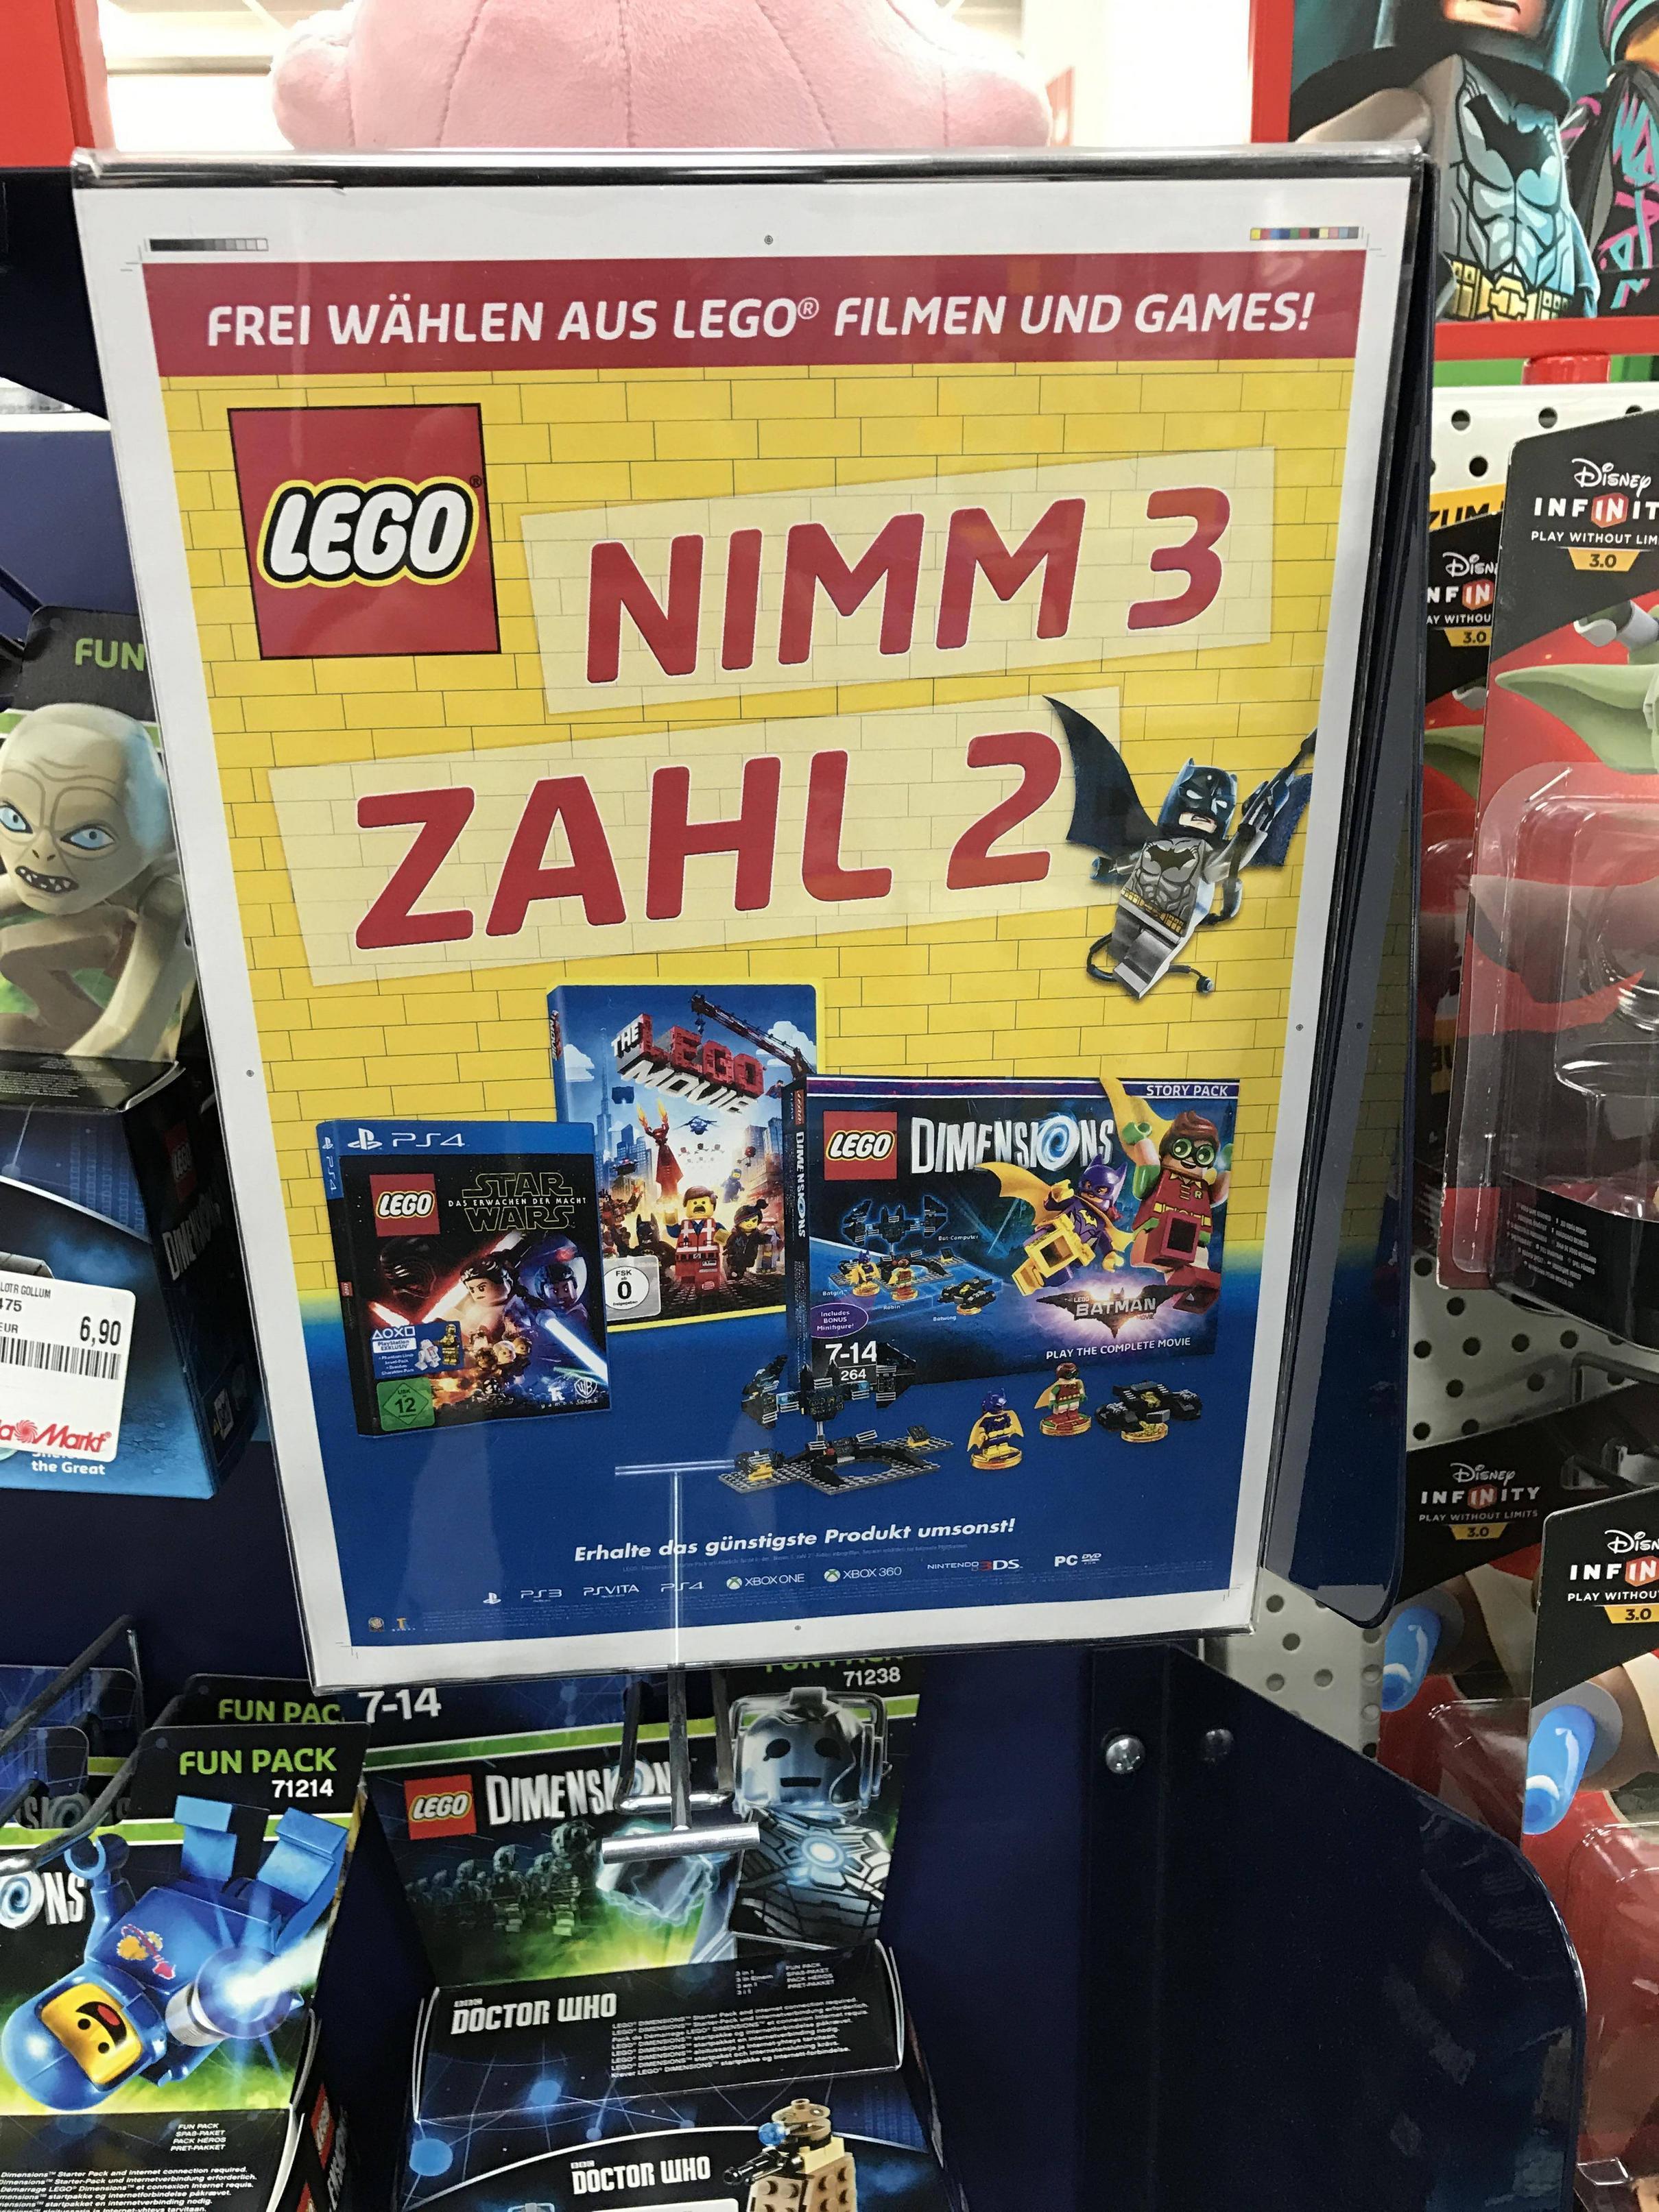 [Lokal] Media Markt Aschaffenburg Lego Dimensions